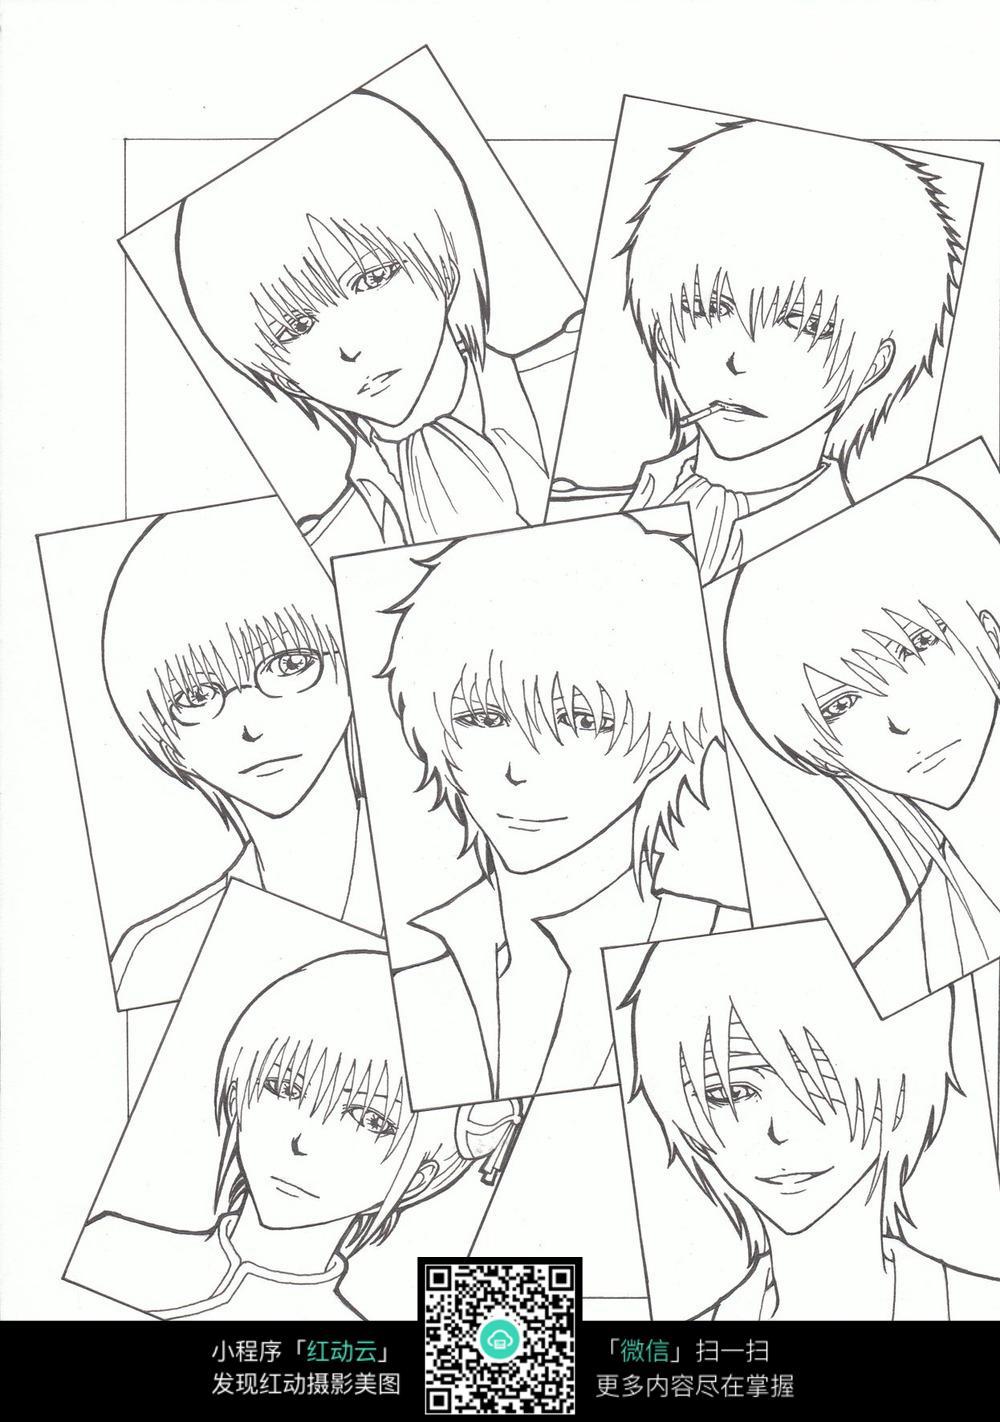 免费素材 图片素材 漫画插画 人物卡通 理发店男孩发型图片线描  请您